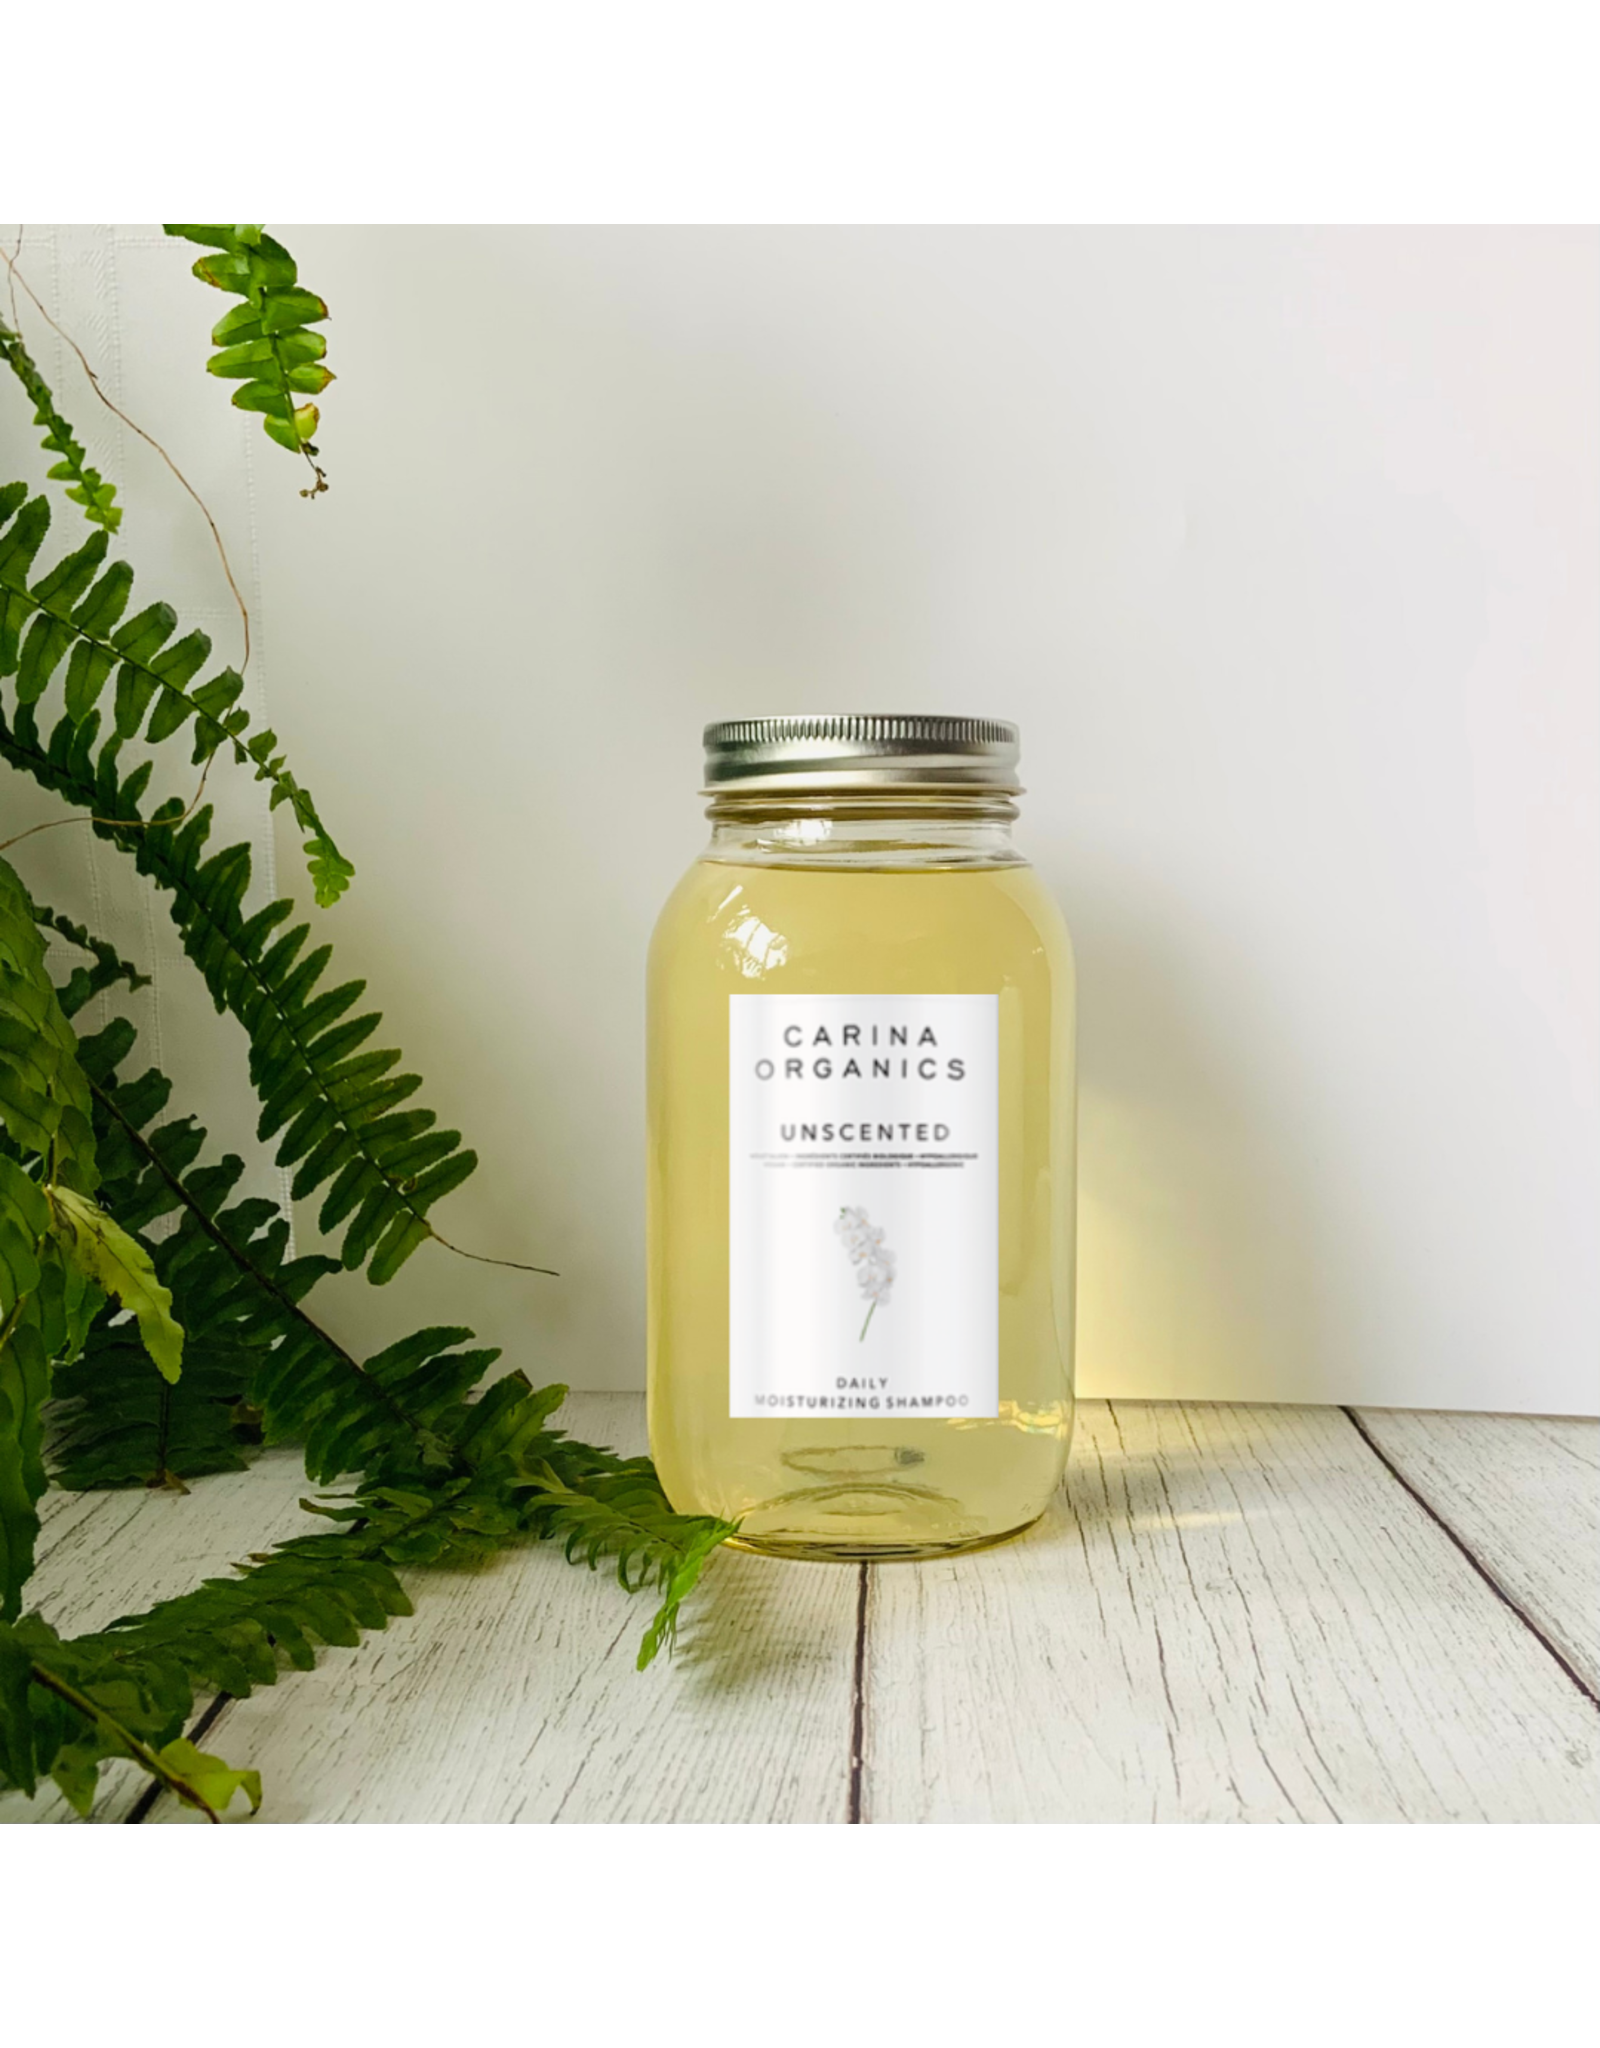 Carina Organics HomeFill - Daily Moisturizing Shampoo by Carina Organics